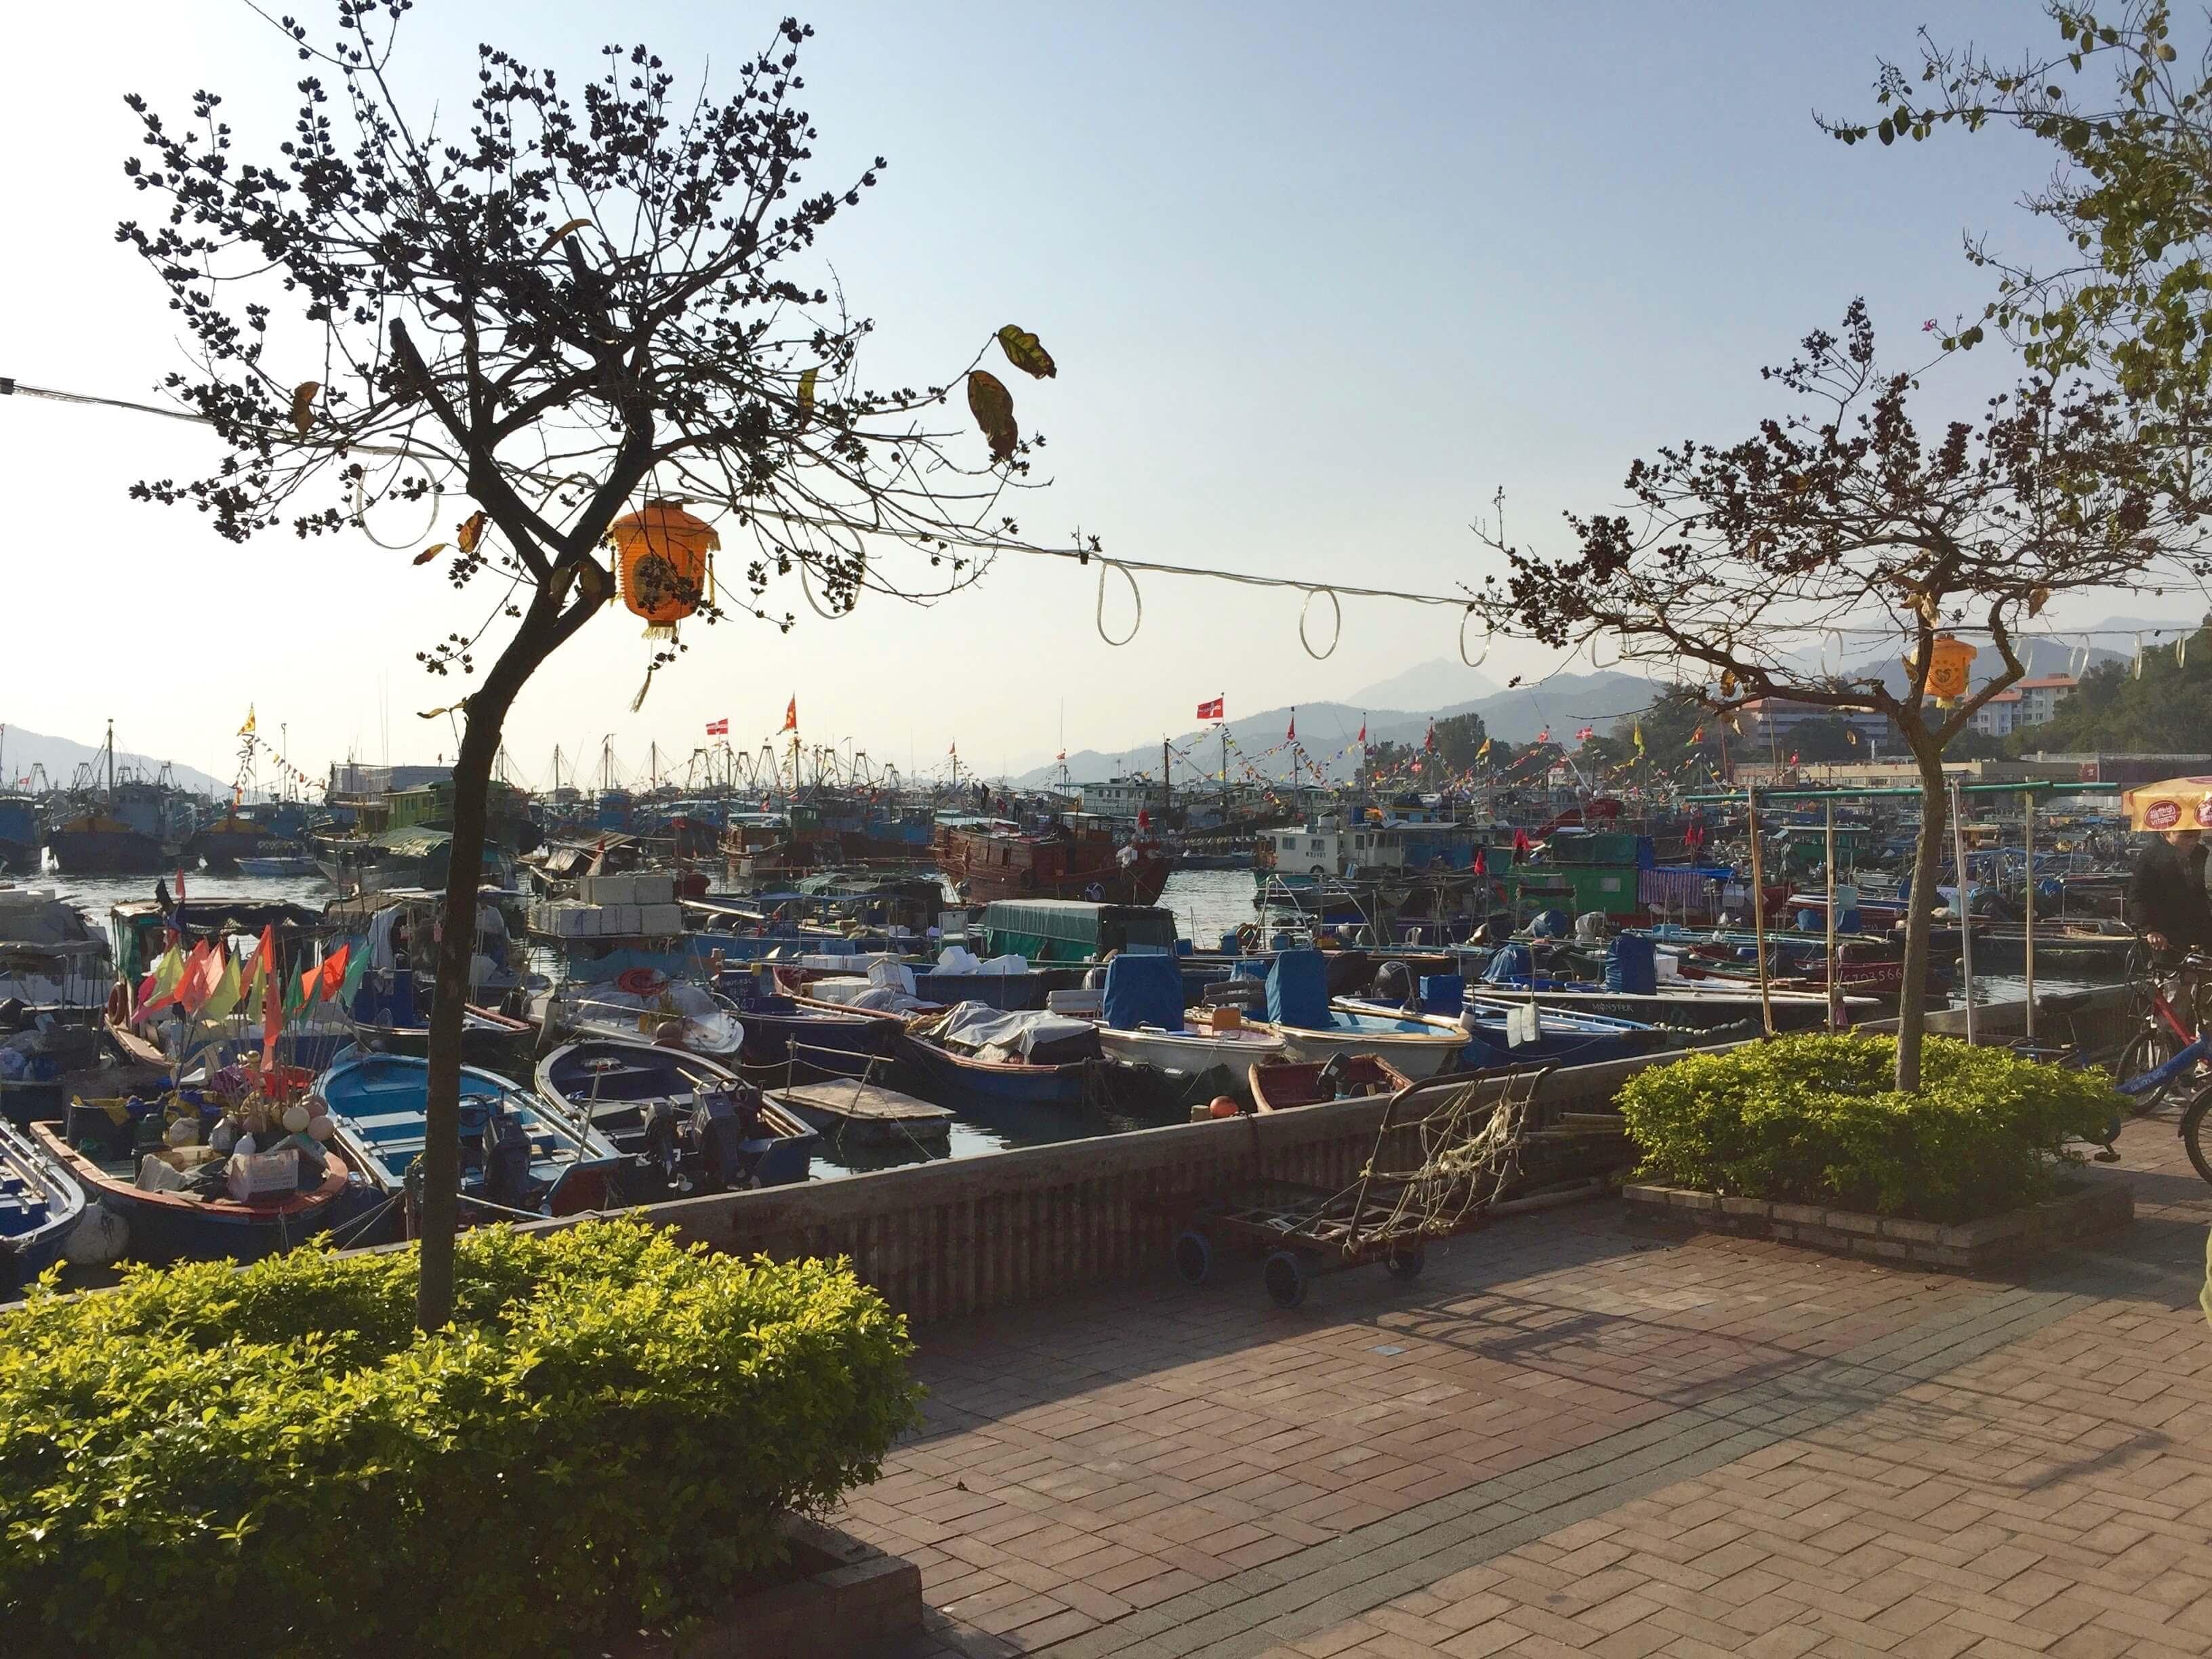 猶 如 來 到 了 台 灣 的 小 漁 村 , 樸 實 、 靜 謐 、 悠 閒 。